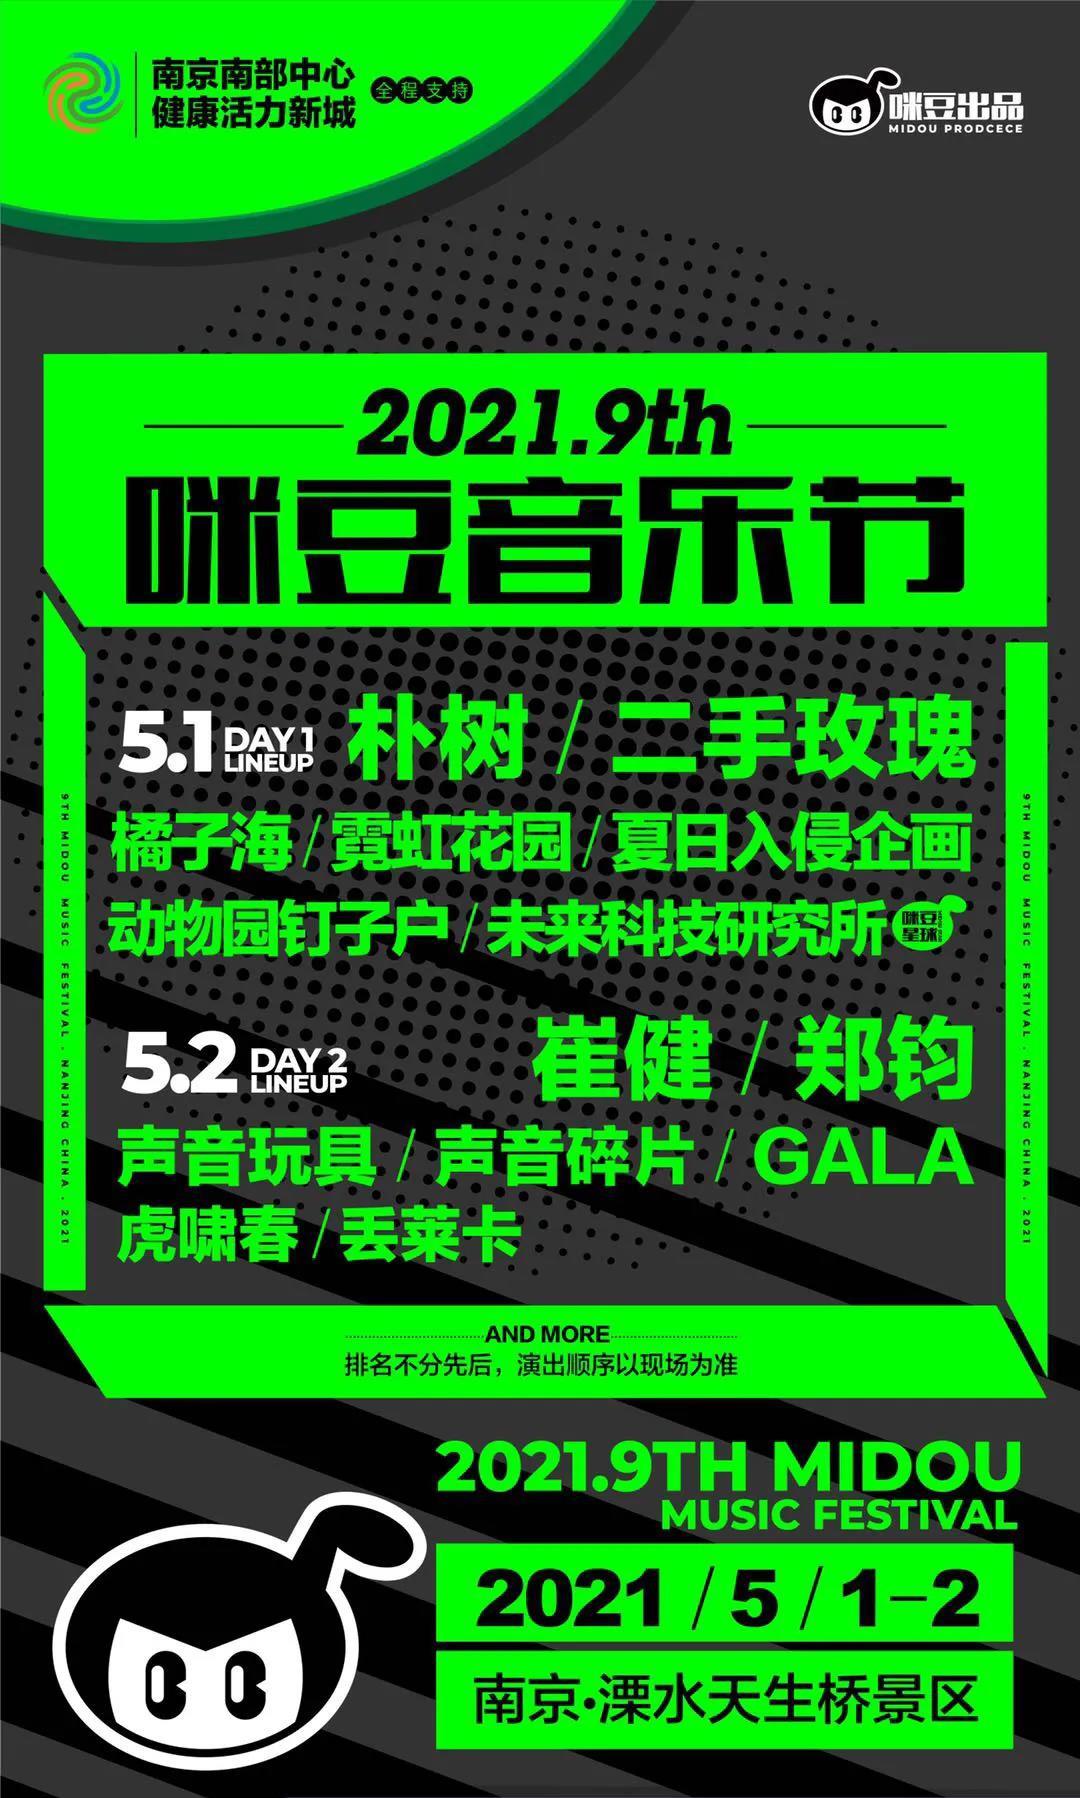 2021南京咪豆音乐节演出详情及时间地点